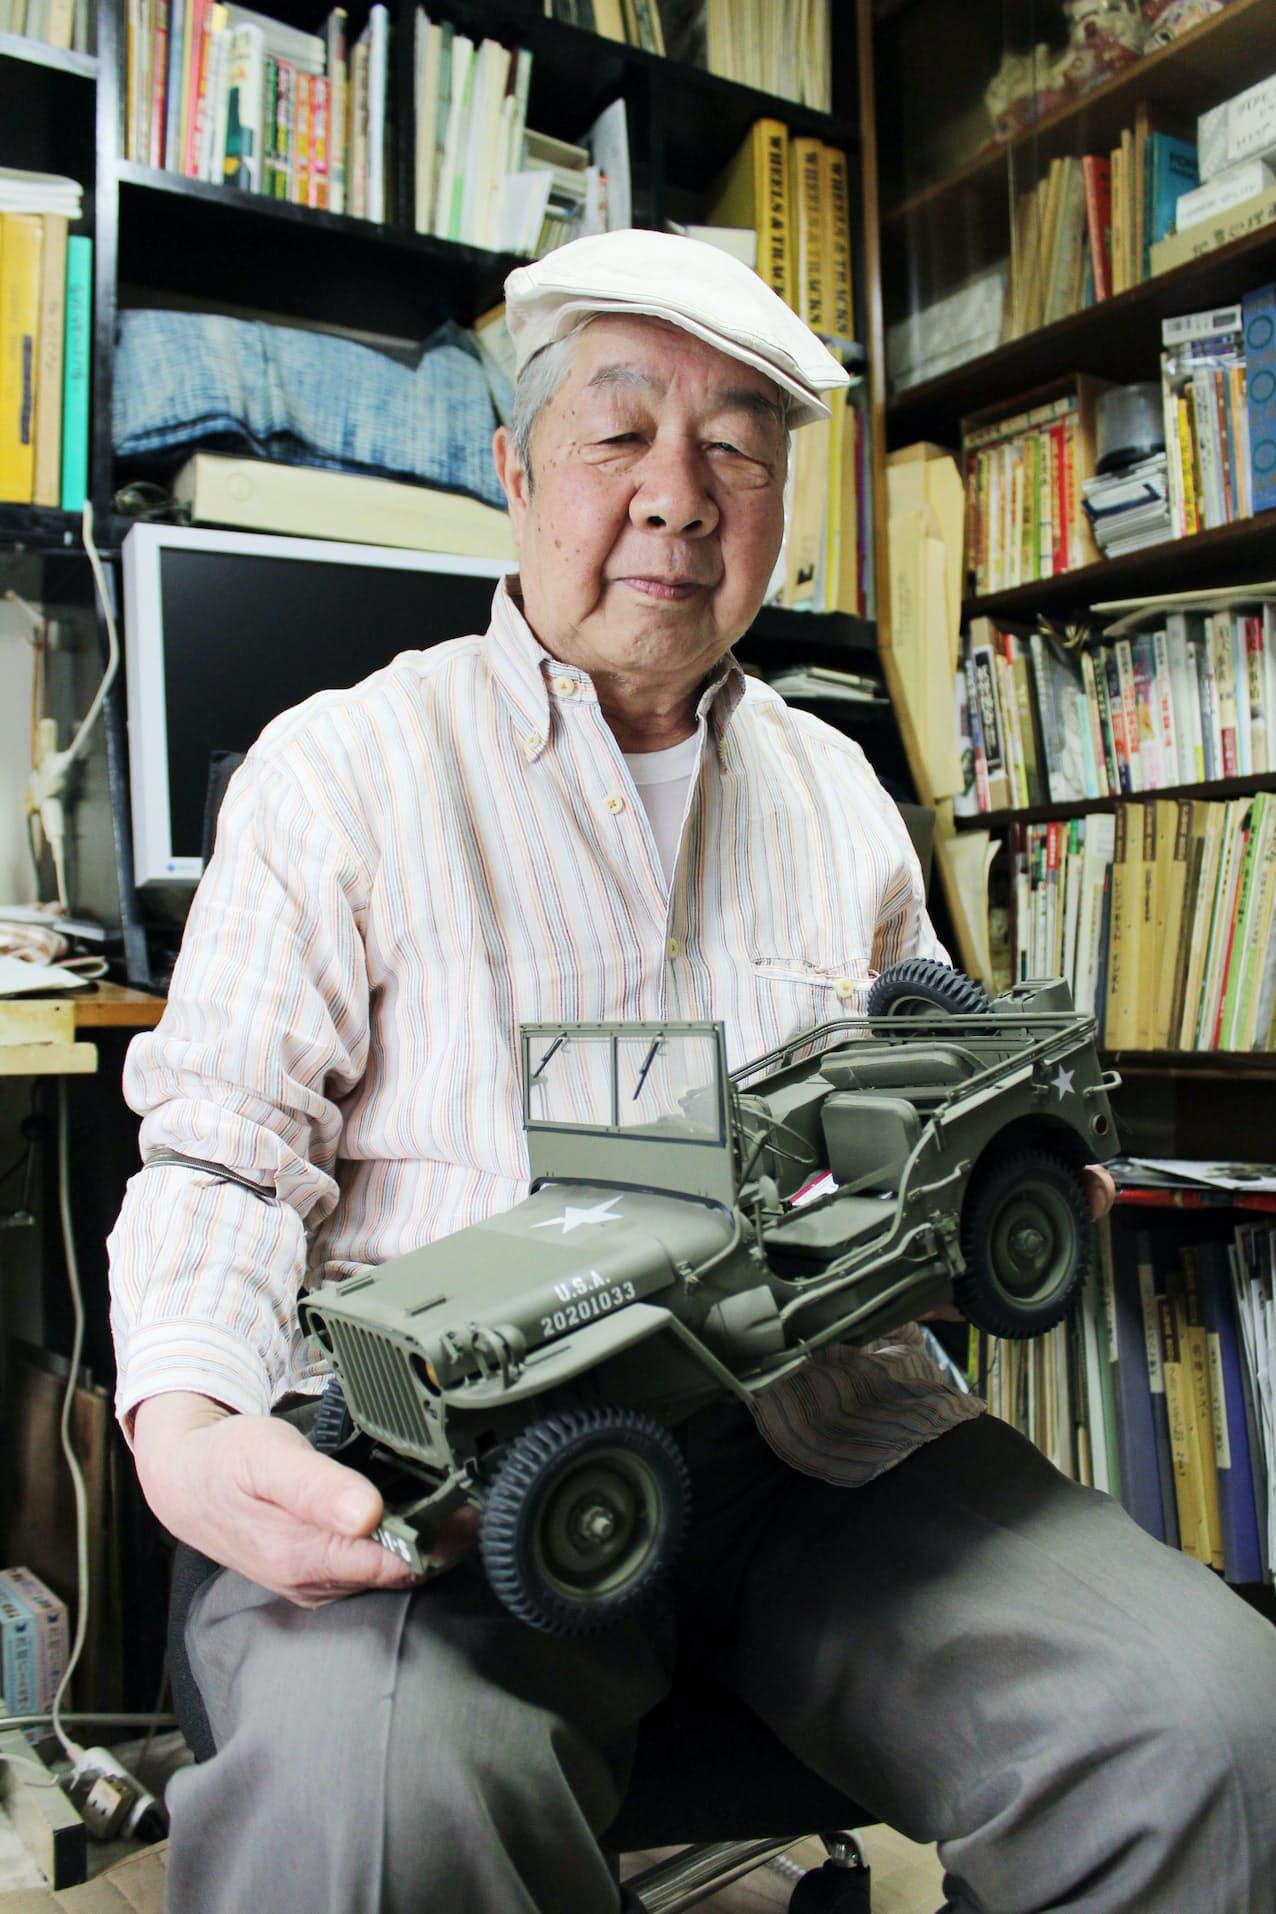 車両への造詣が深く、アニメ作品にも多く登場させた大塚康生さん(タミヤ提供)